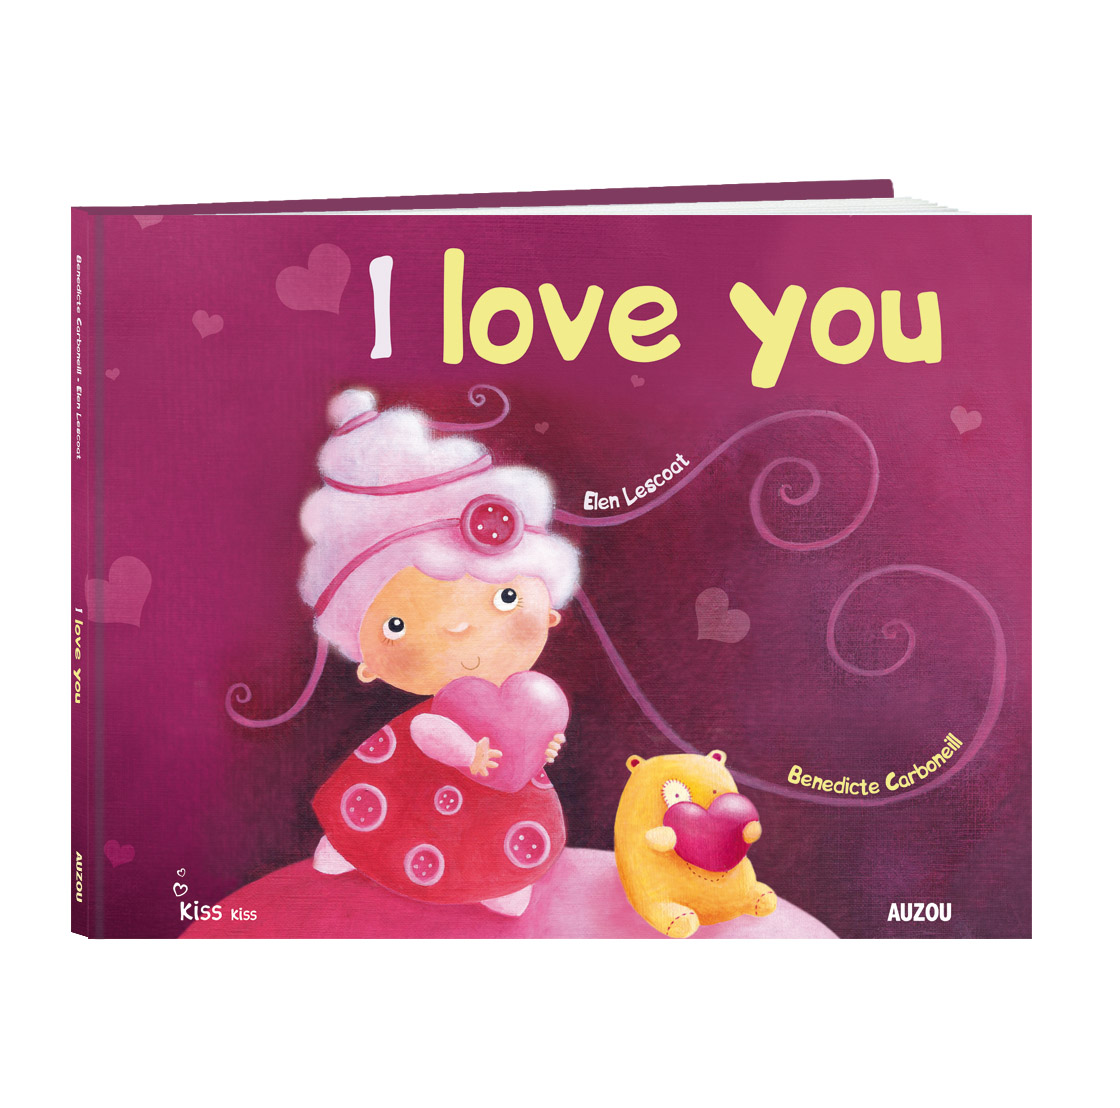 KK_I_LOVE_YOU_COUV_3D.jpg